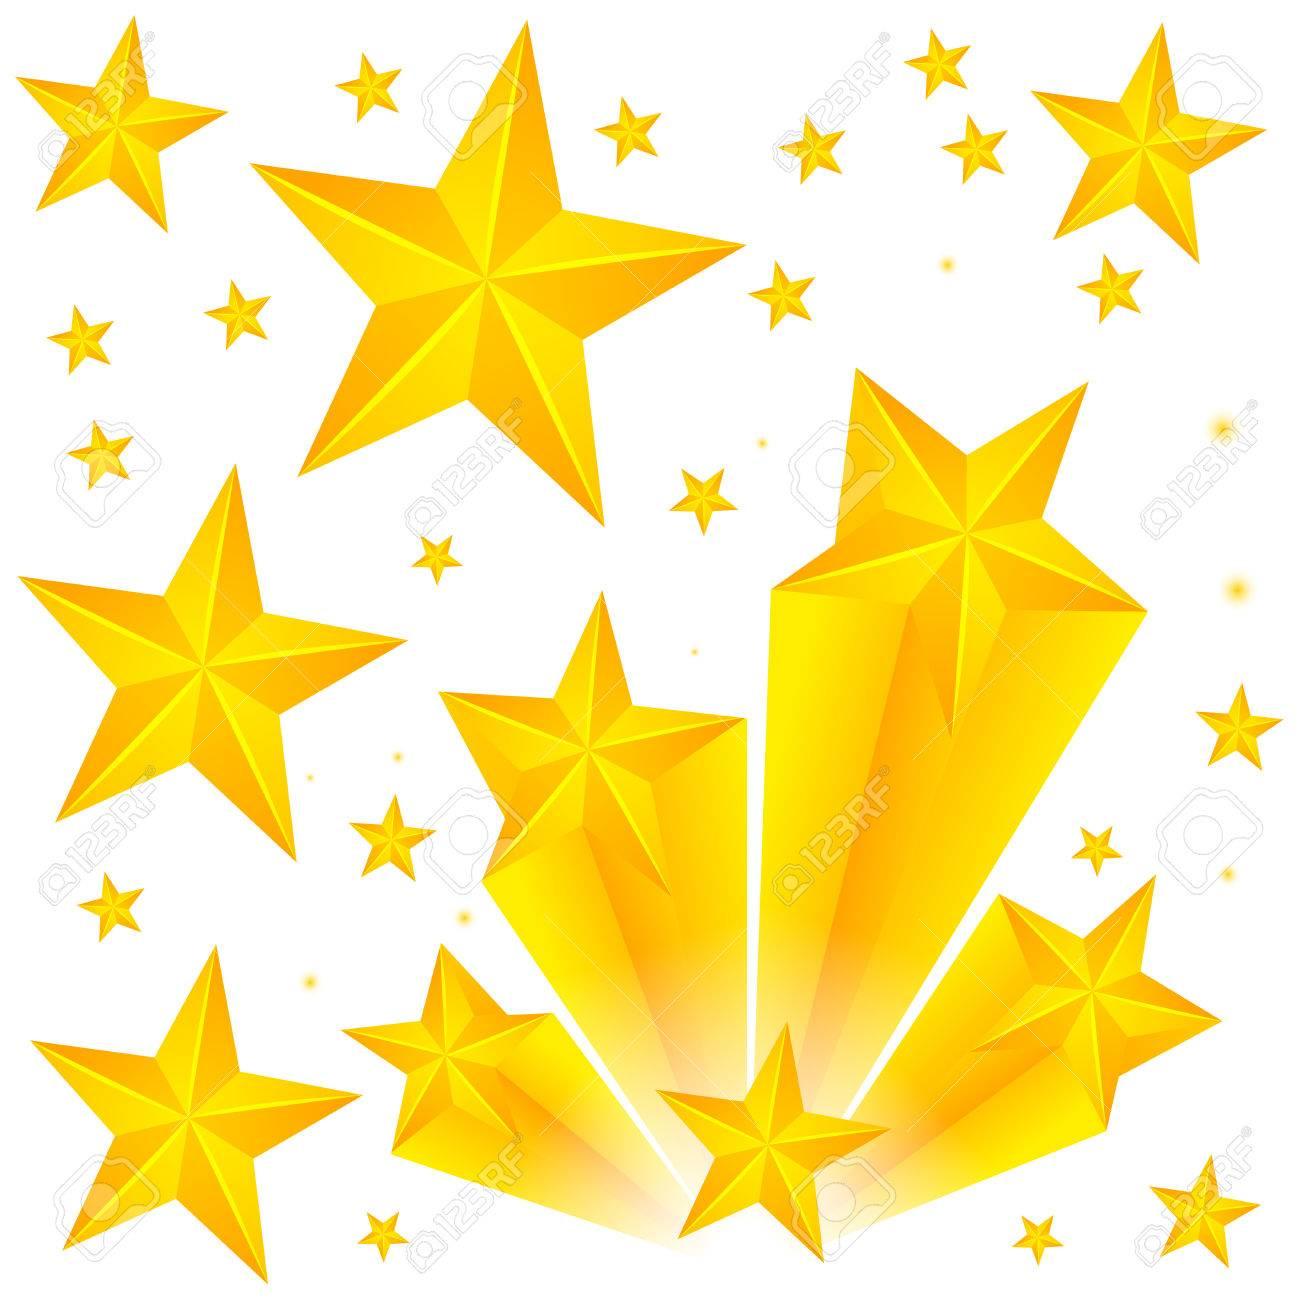 黄色の星イラスト背景デザイン ロイヤリティフリークリップアート